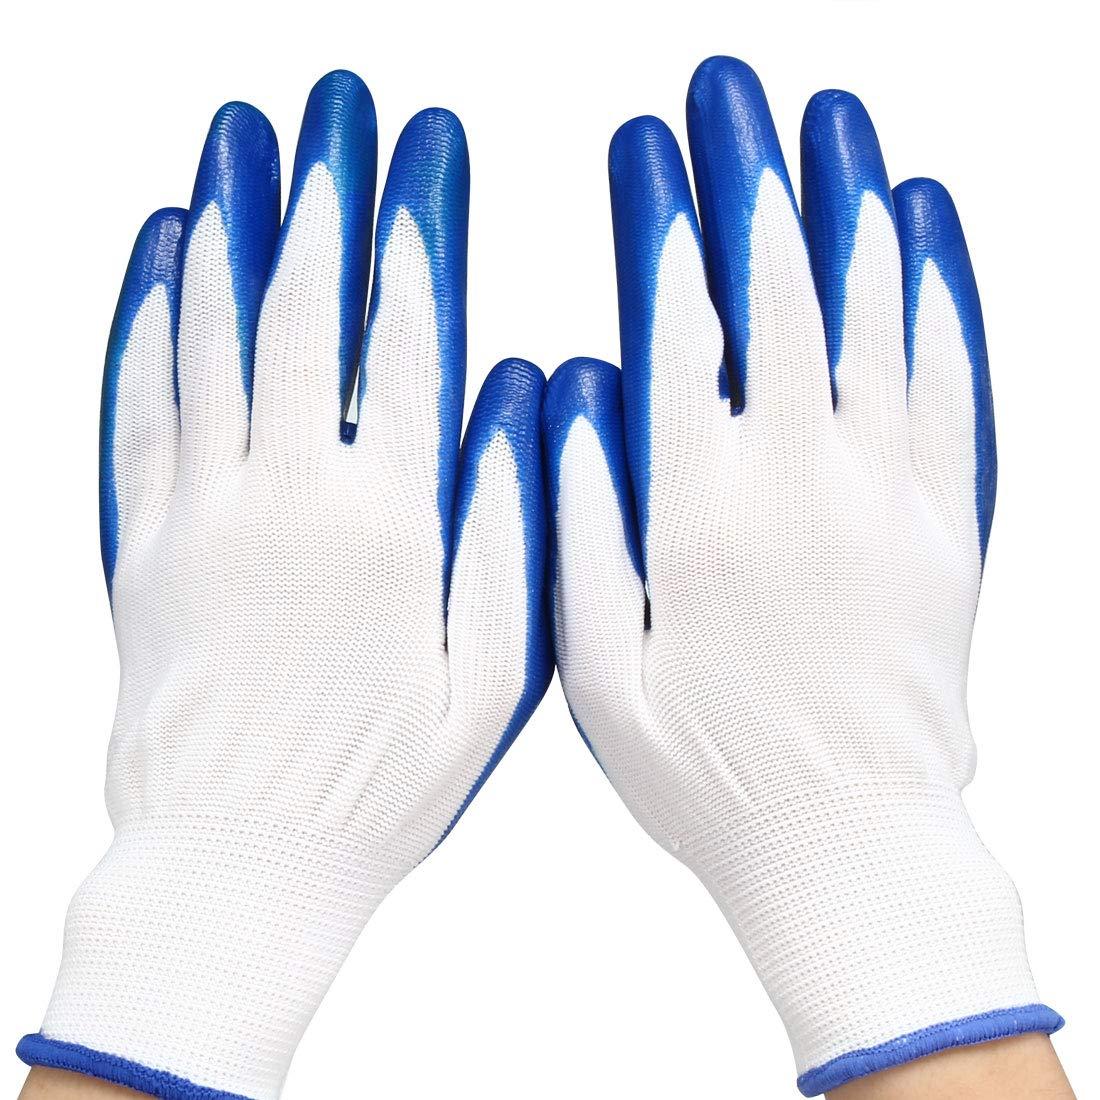 nylon gloves with nitrile coating